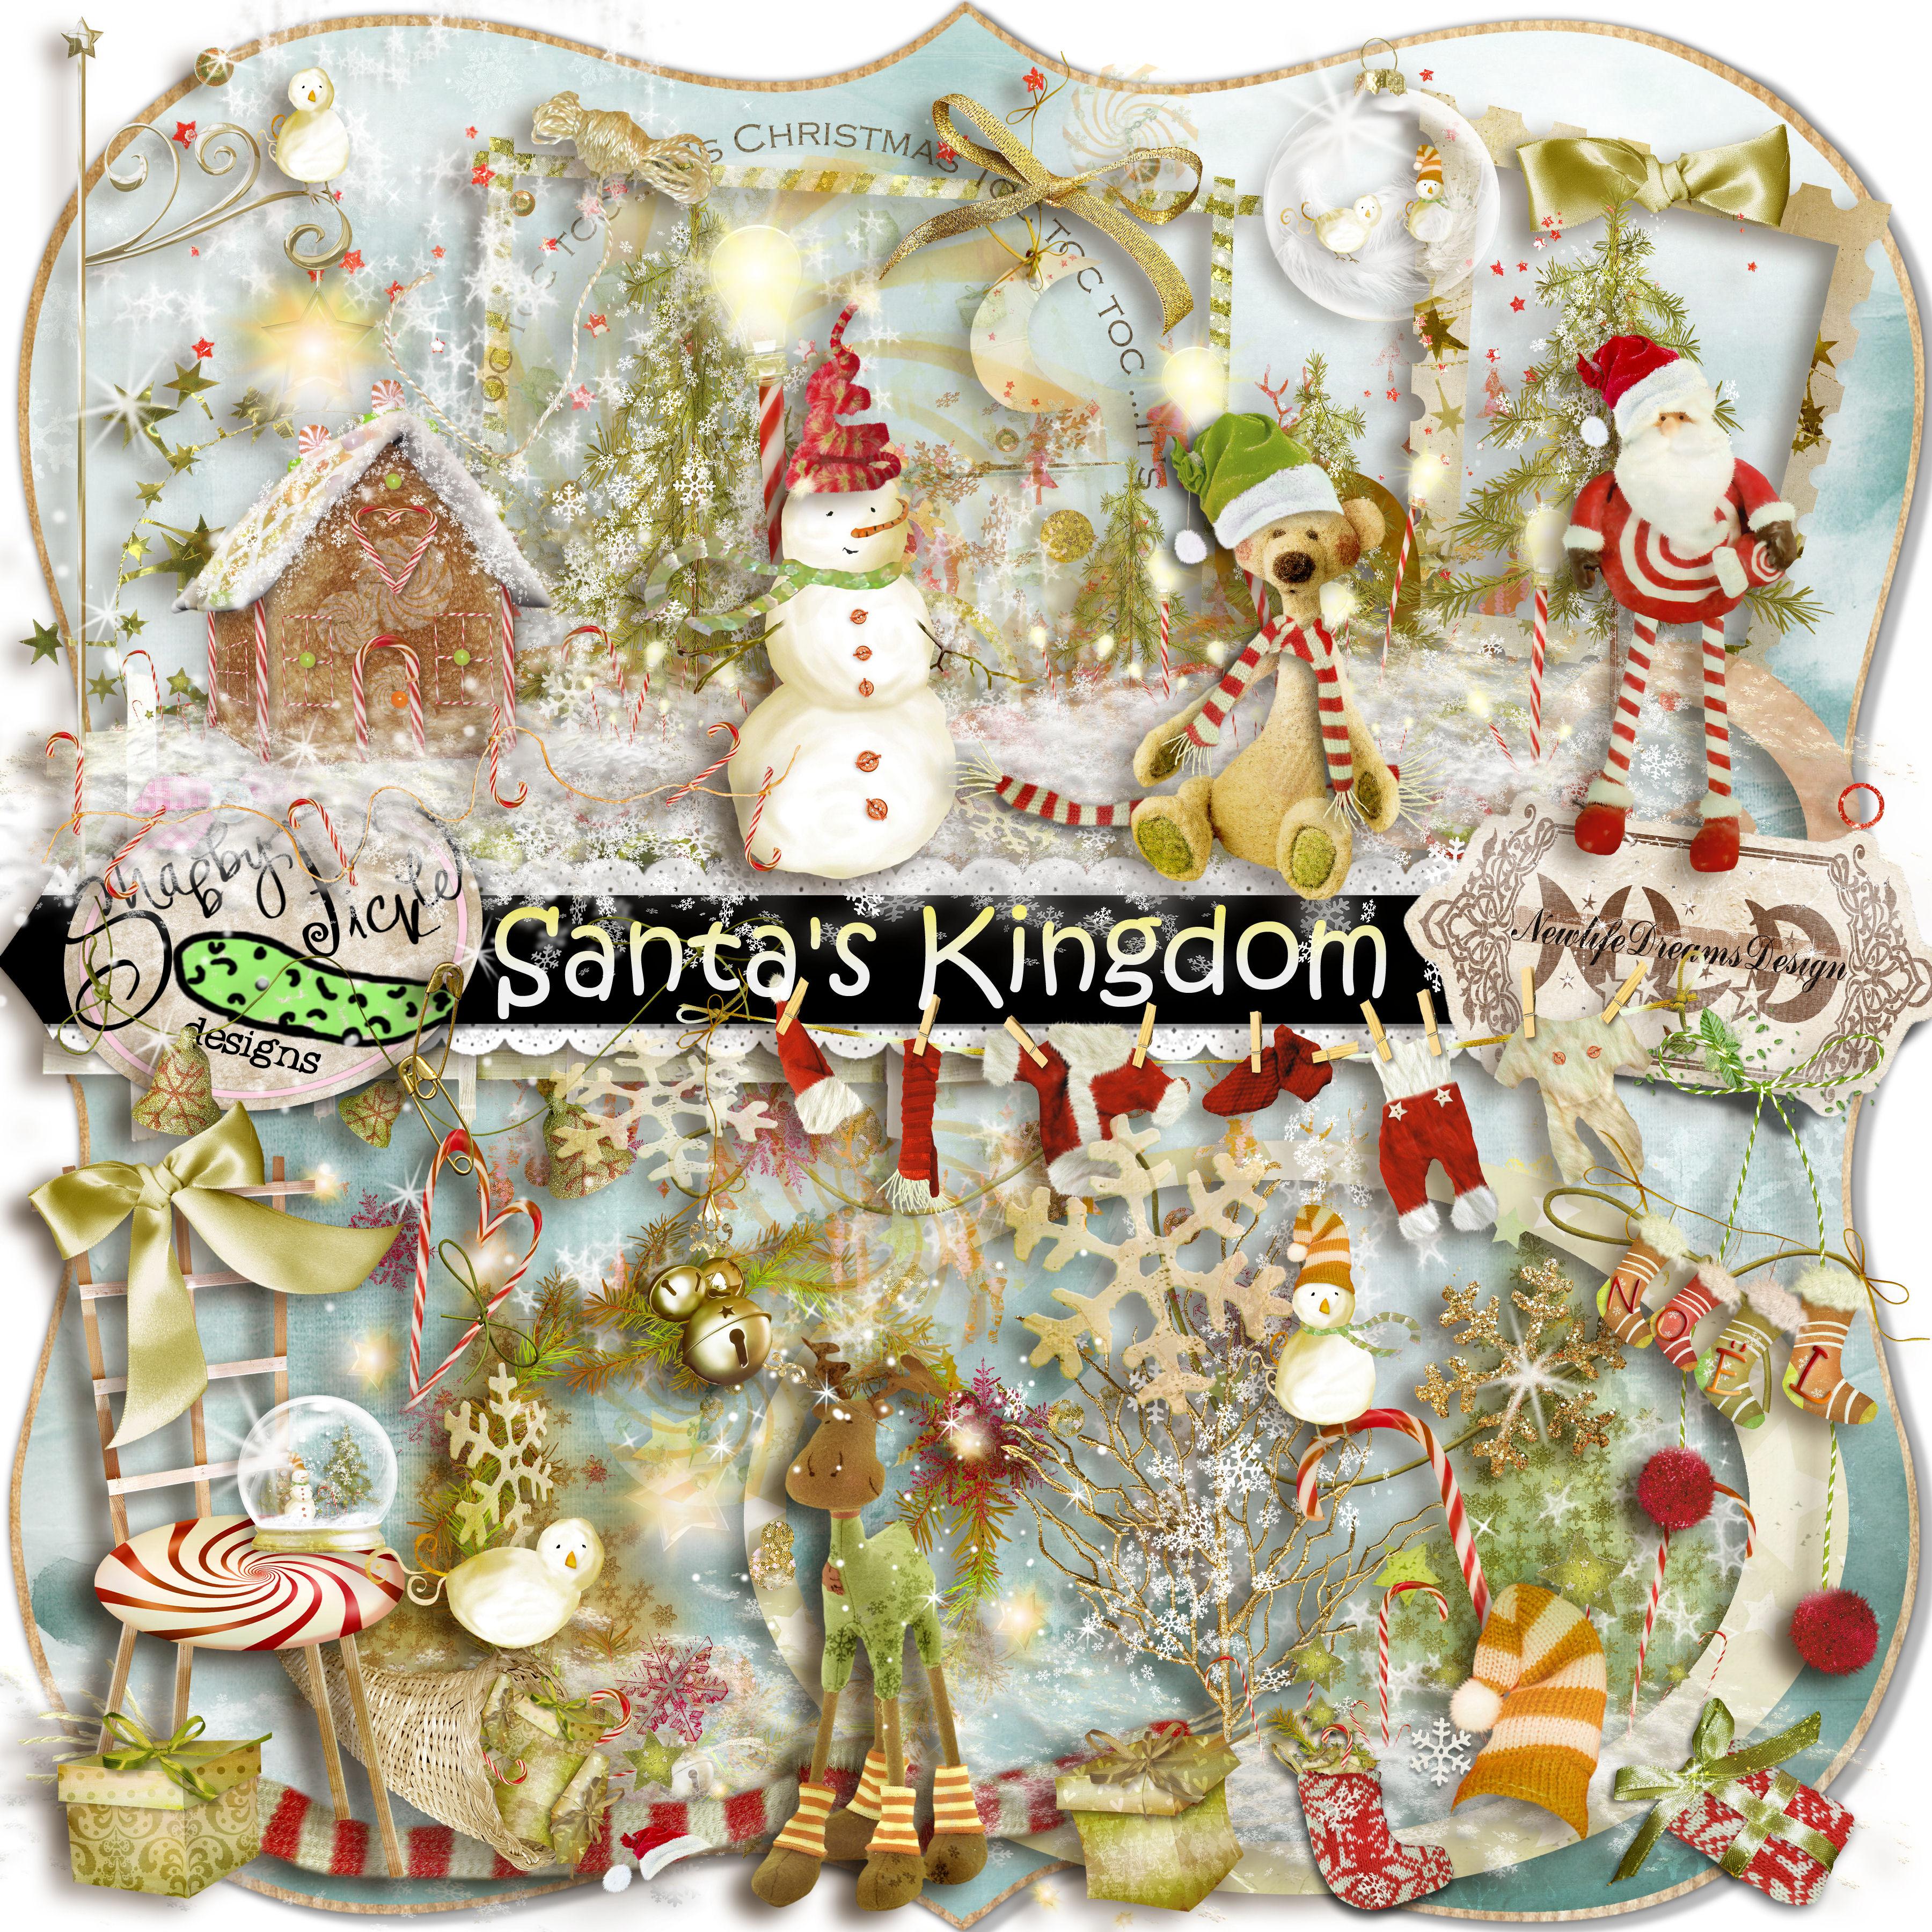 цифровой скрапбукинг, скрап-набор, картинки на прозрачном фоне, для фотографий, для фотошоп, зима, снег, рождество, новый год, рукоделки василисы